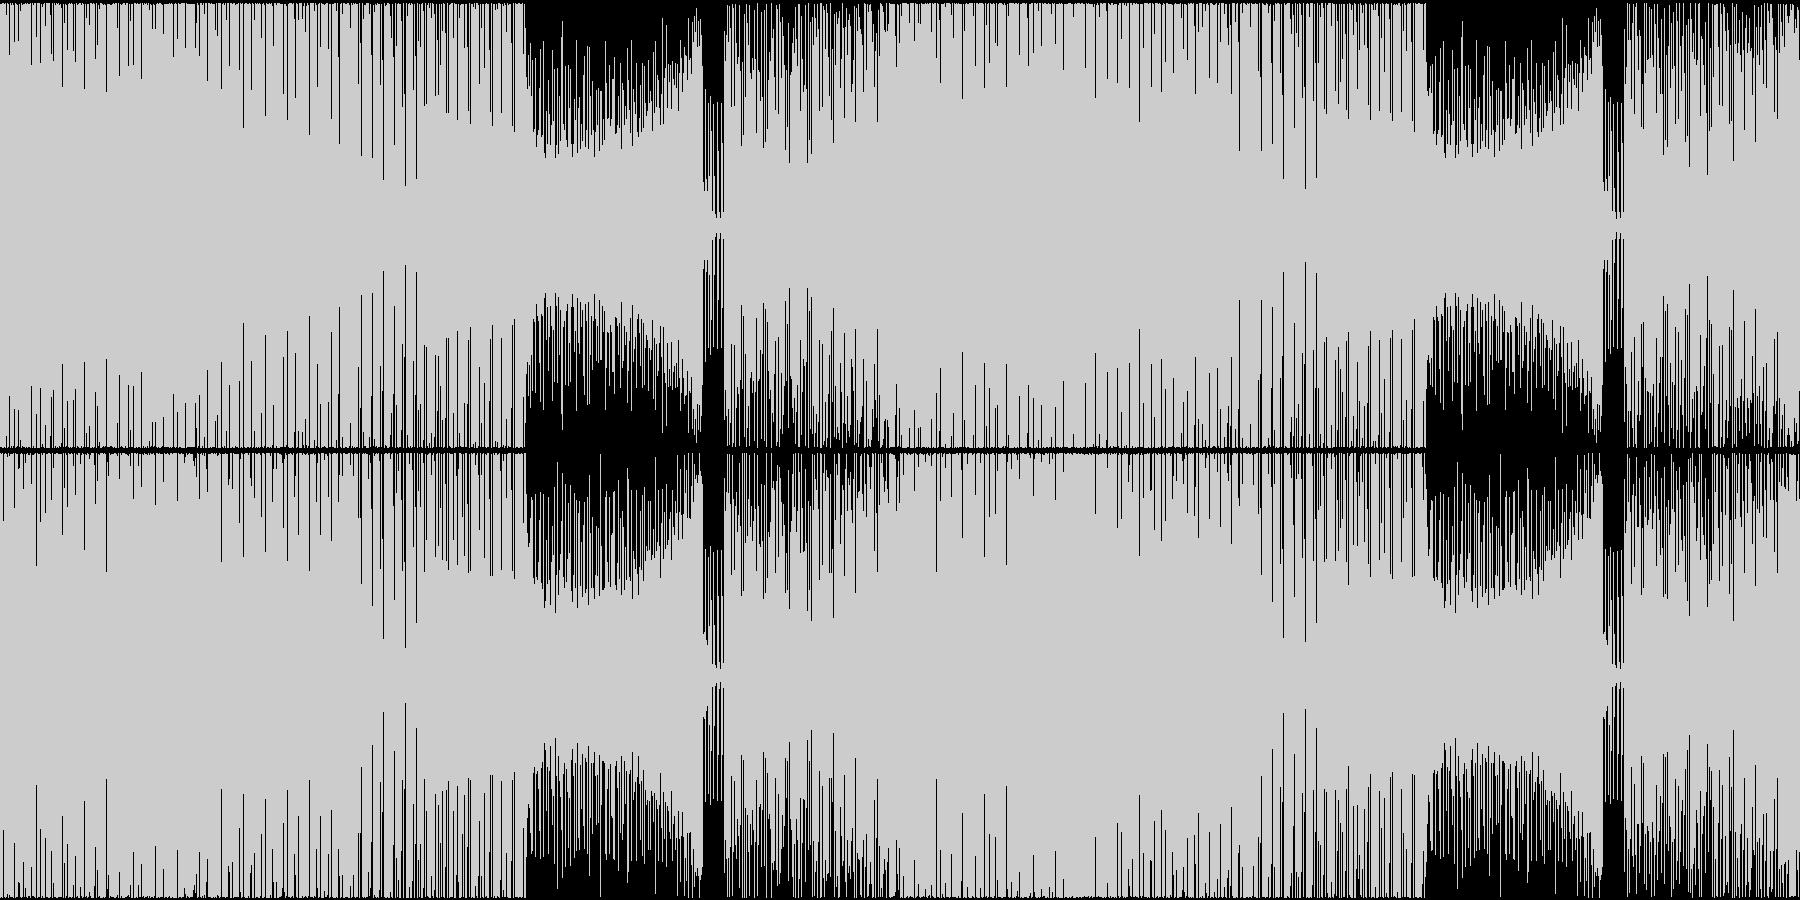 EDM トロピカル チャート メジャーLの未再生の波形